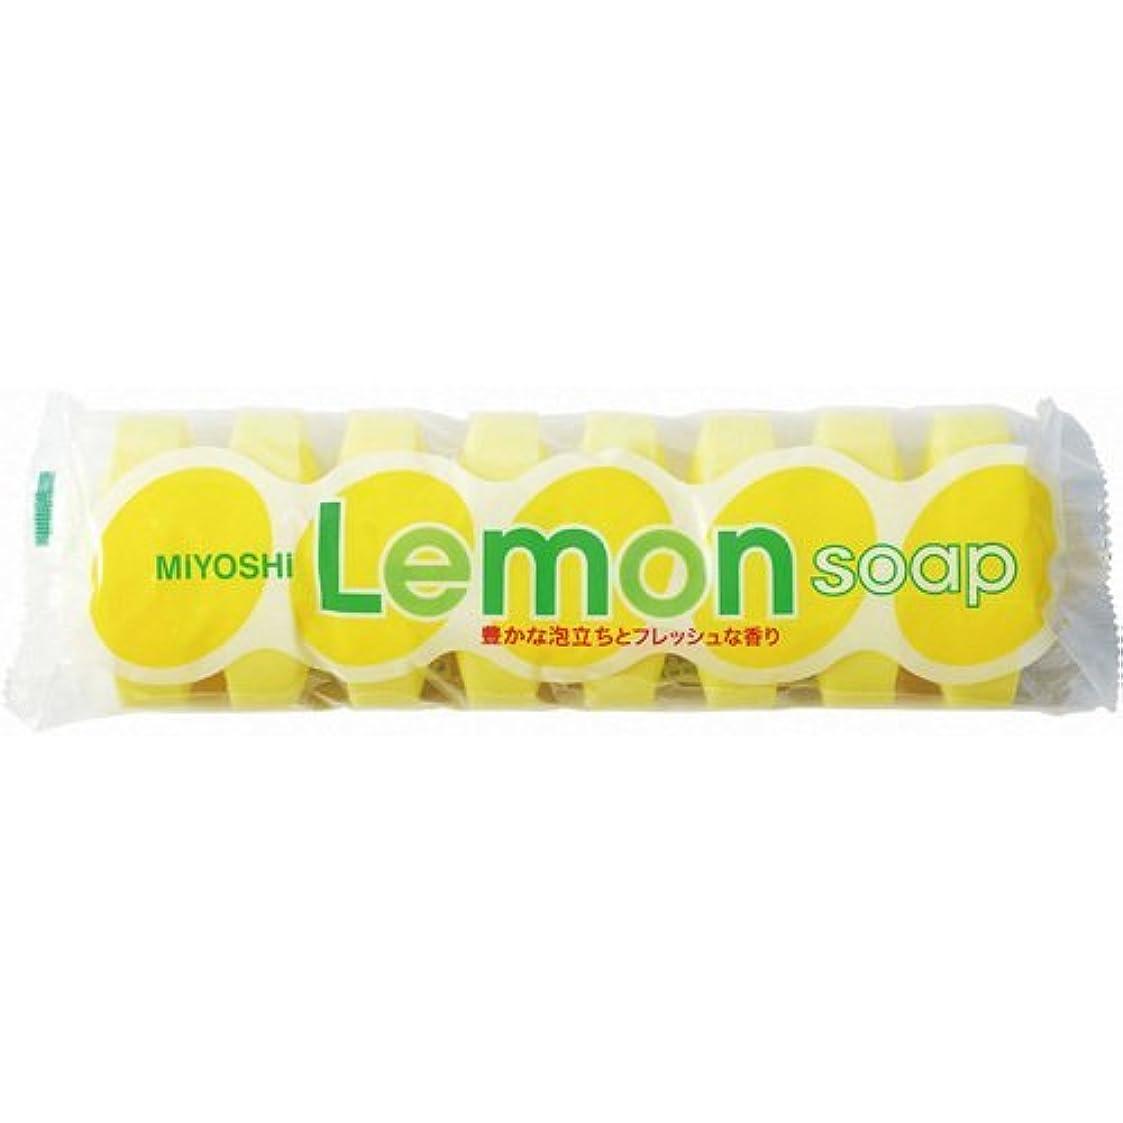 セットする出発するパラメータミヨシ レモンソープ 45g×8個入